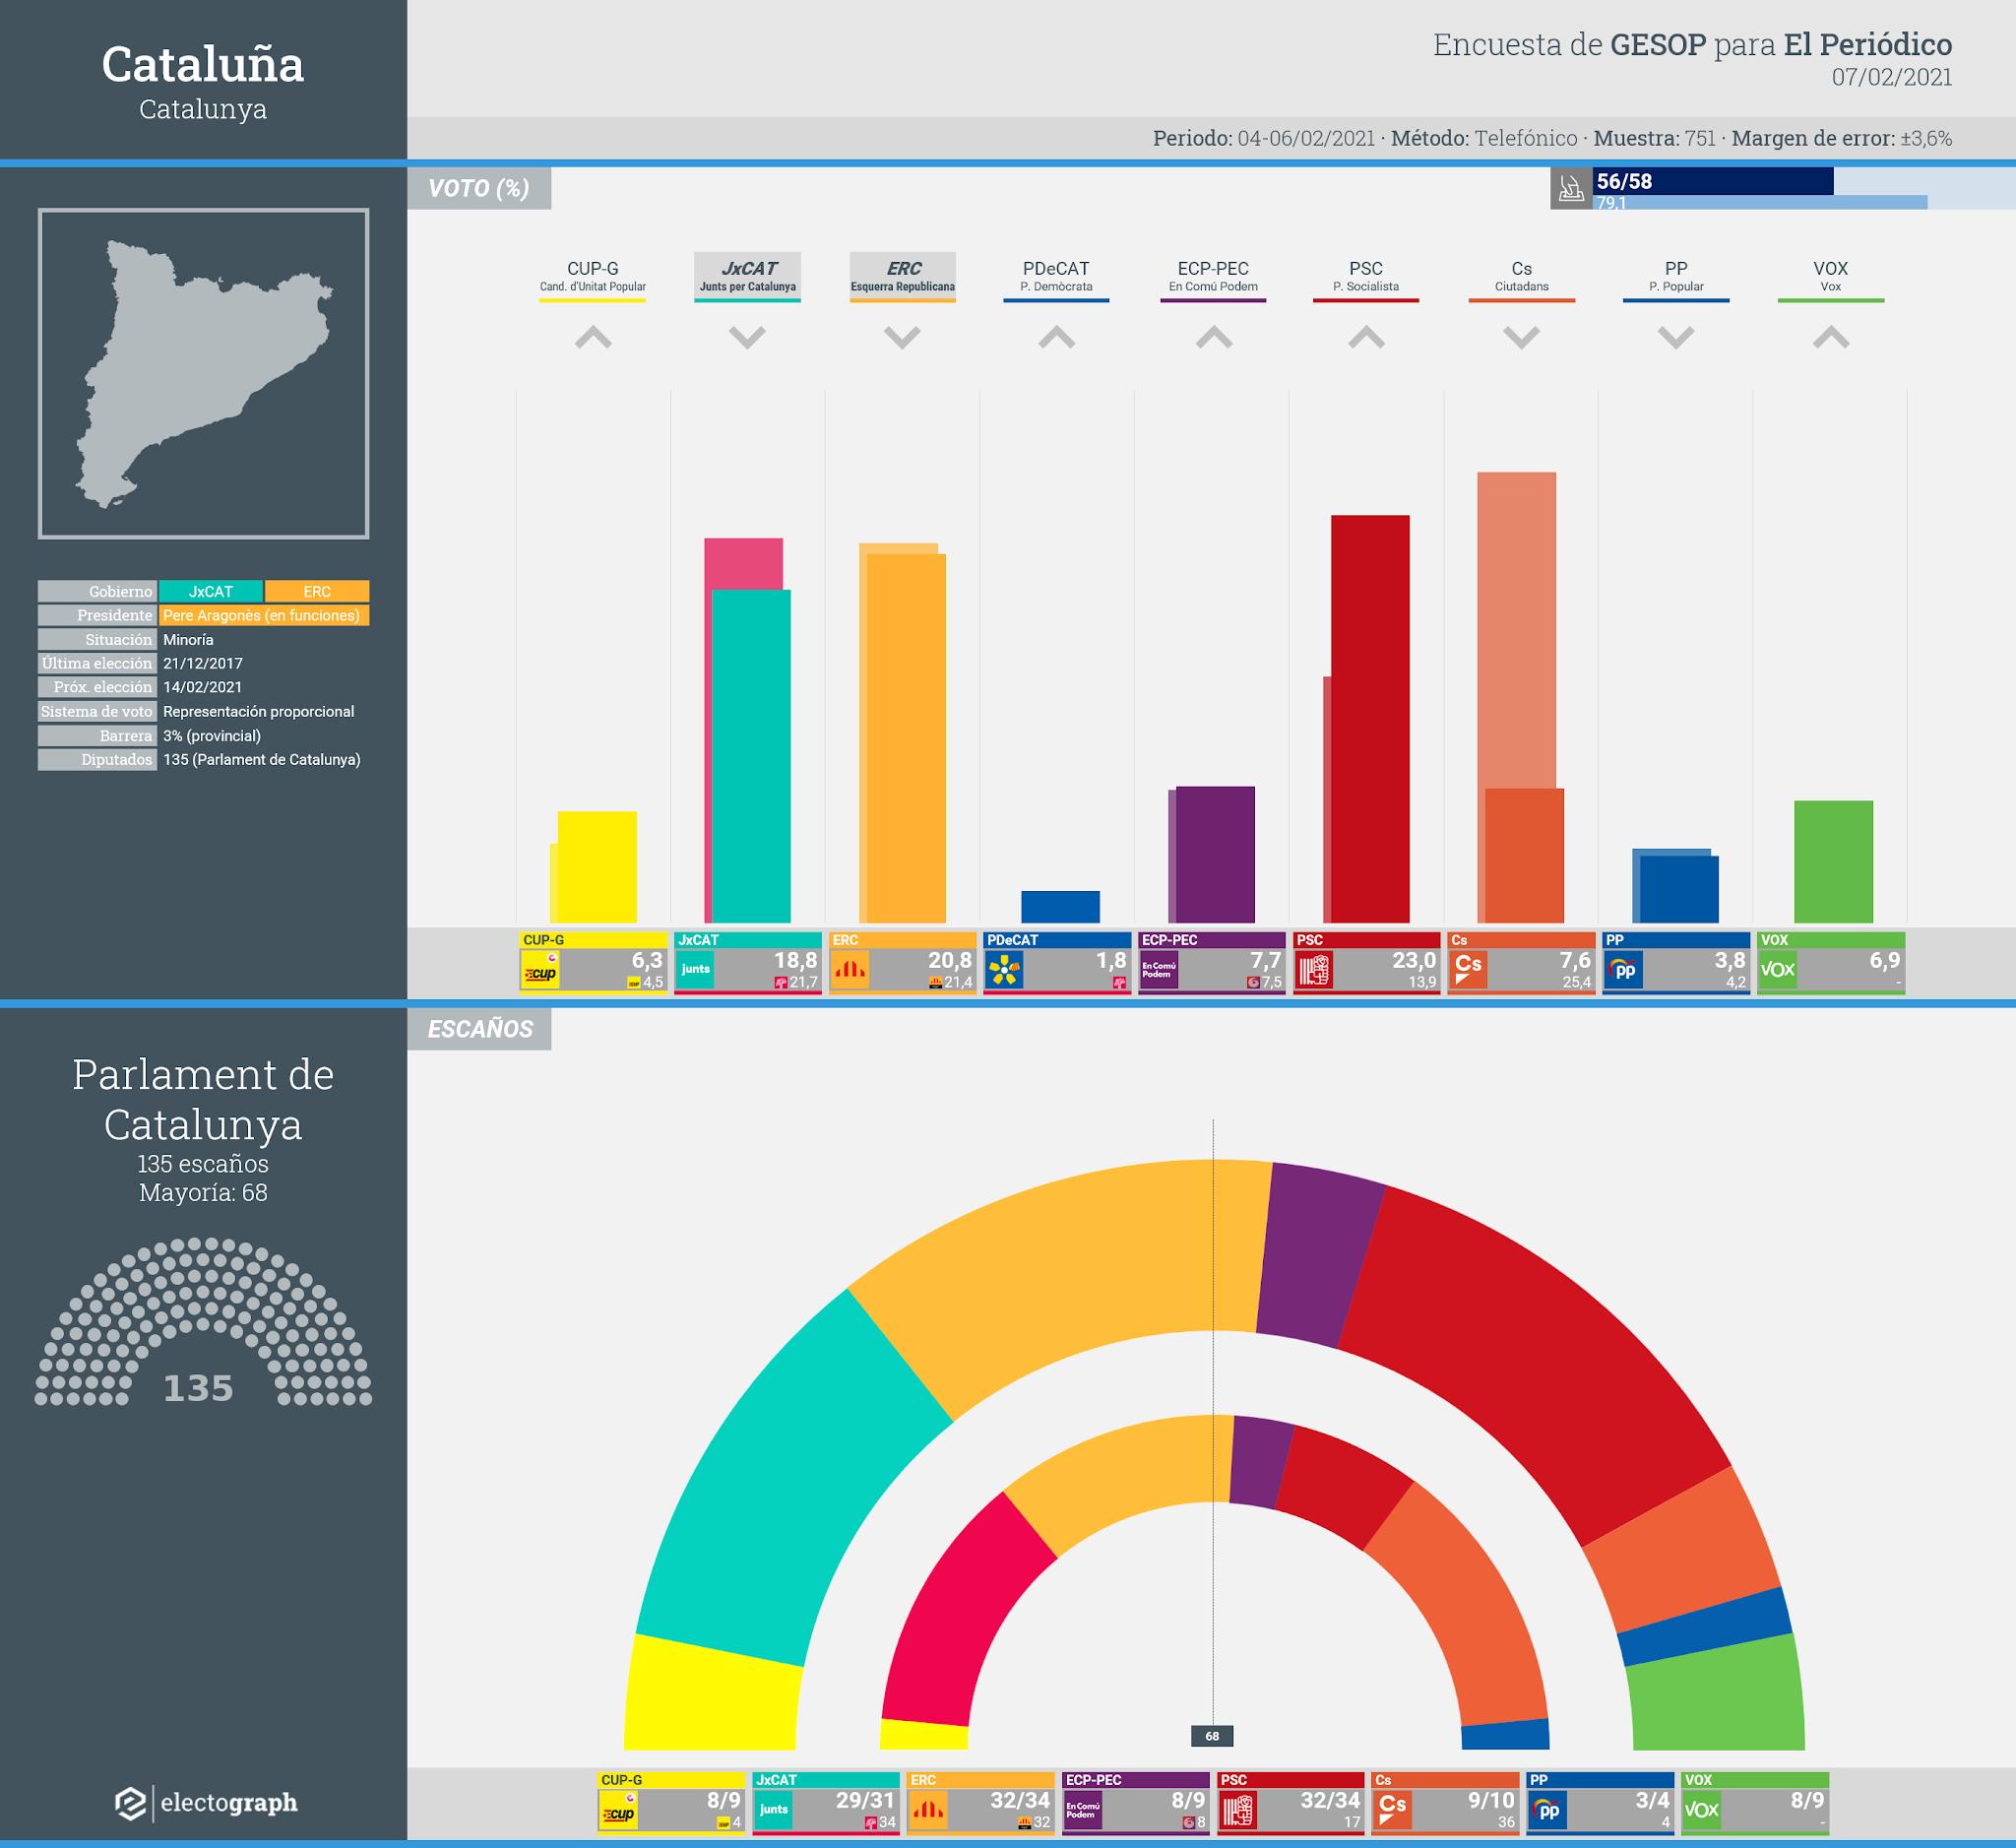 Gráfico de la encuesta para elecciones autonómicas en Cataluña realizada por GESOP para El Periódico, 7 de febrero de 2021